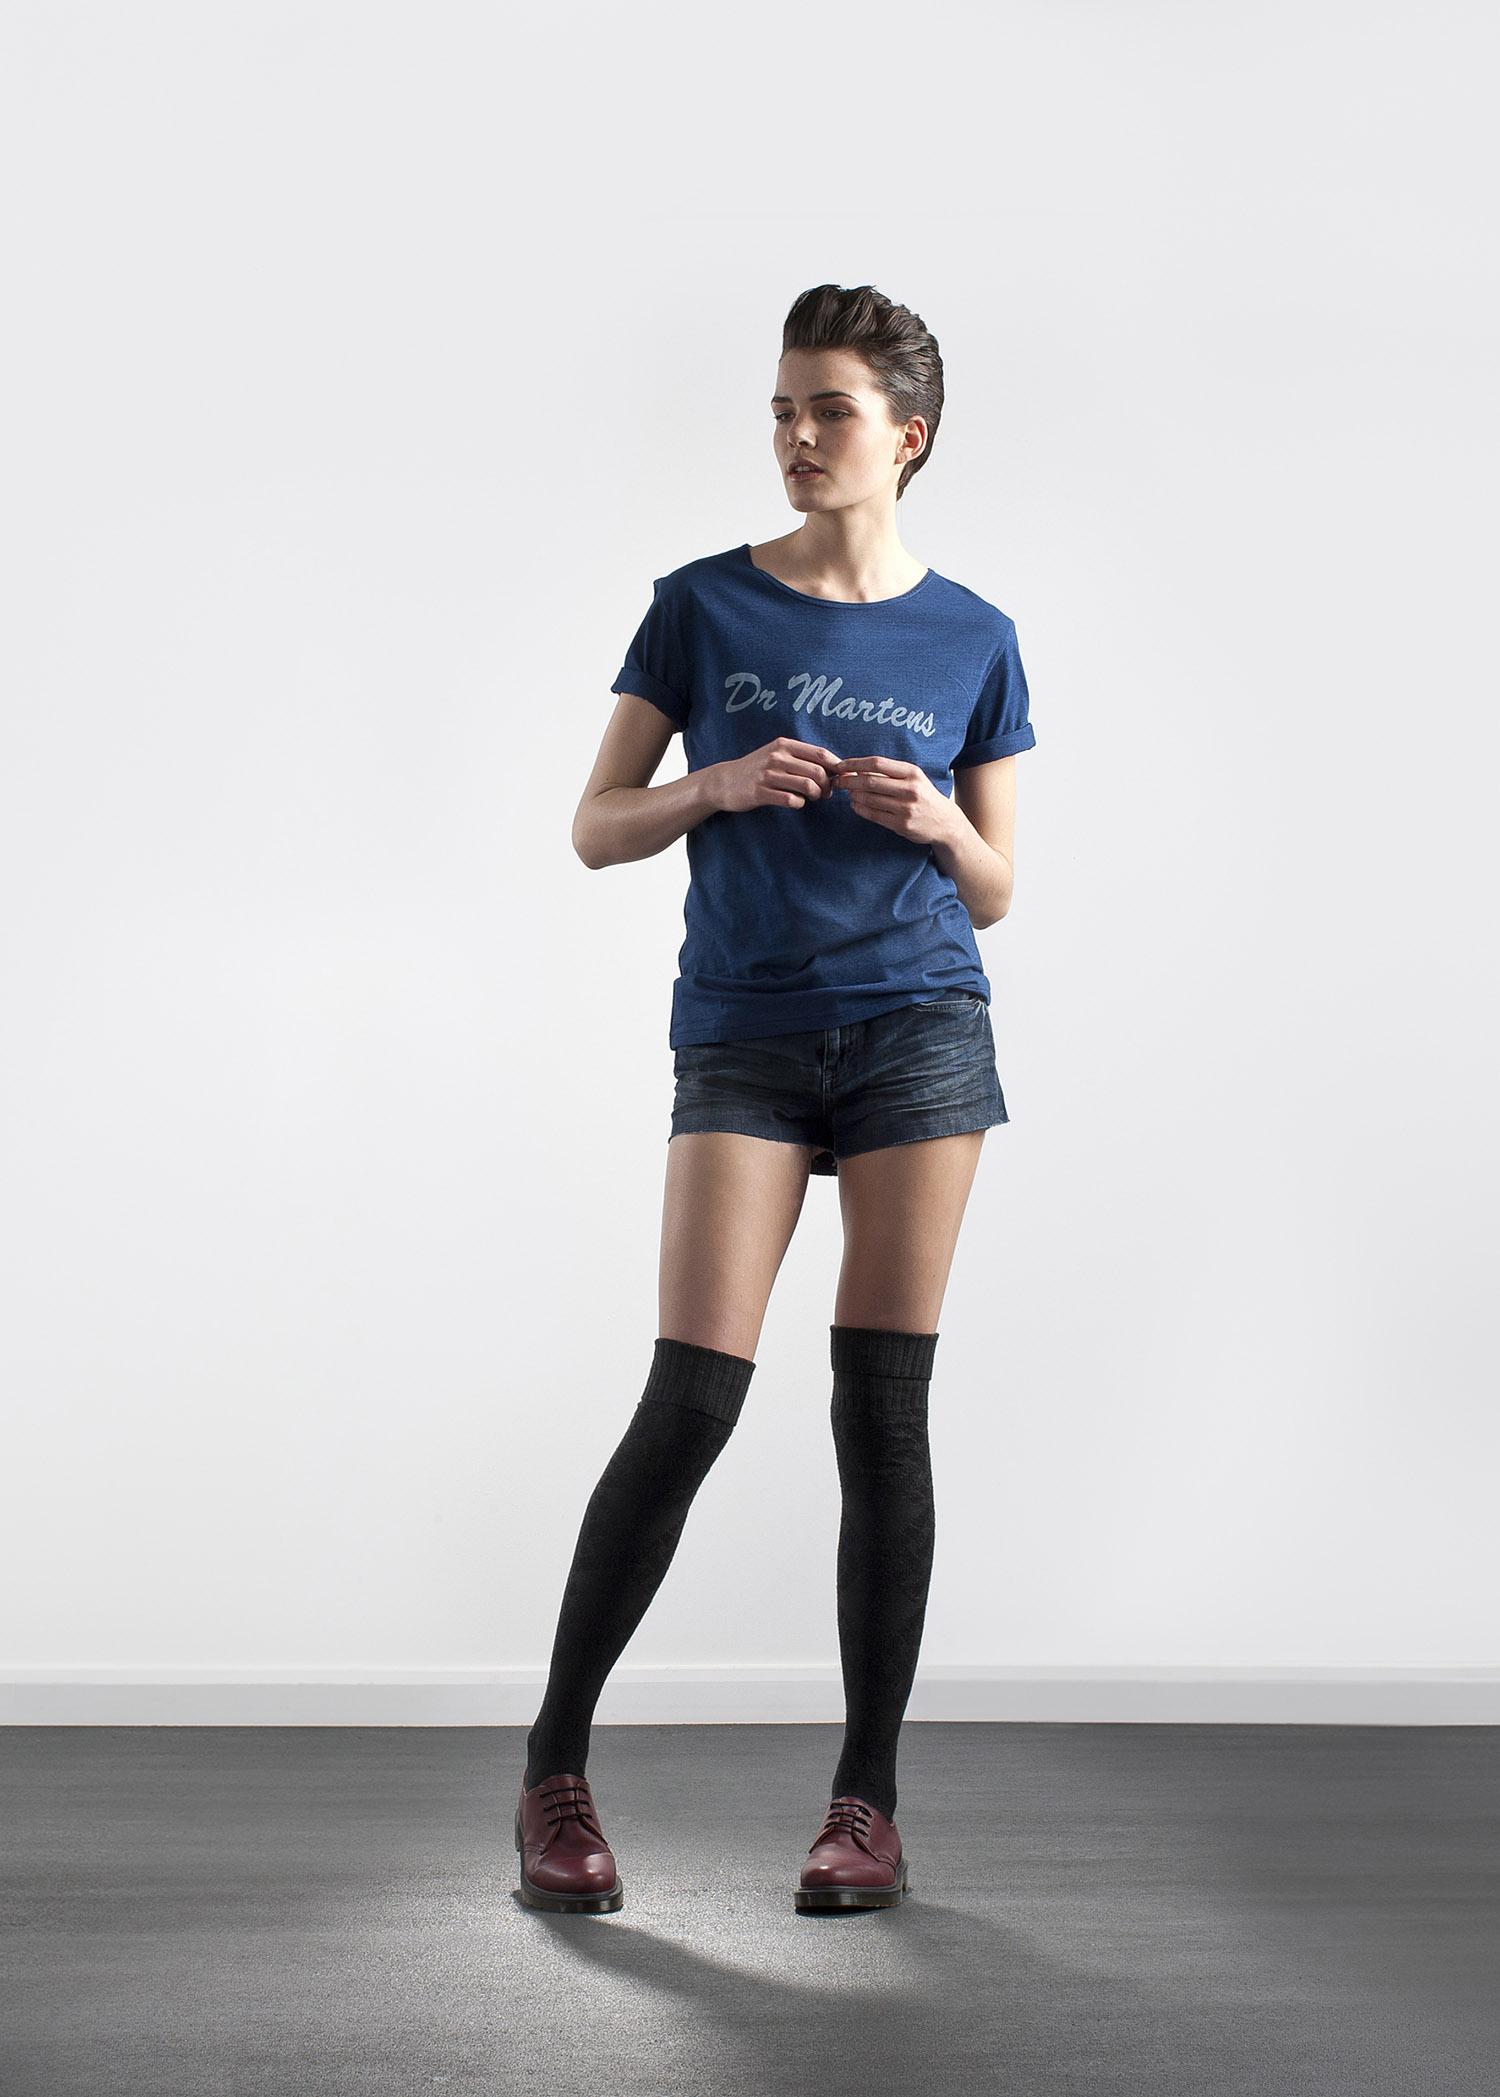 Dr Martens Print T-Shirt Women's FrontLR.jpg